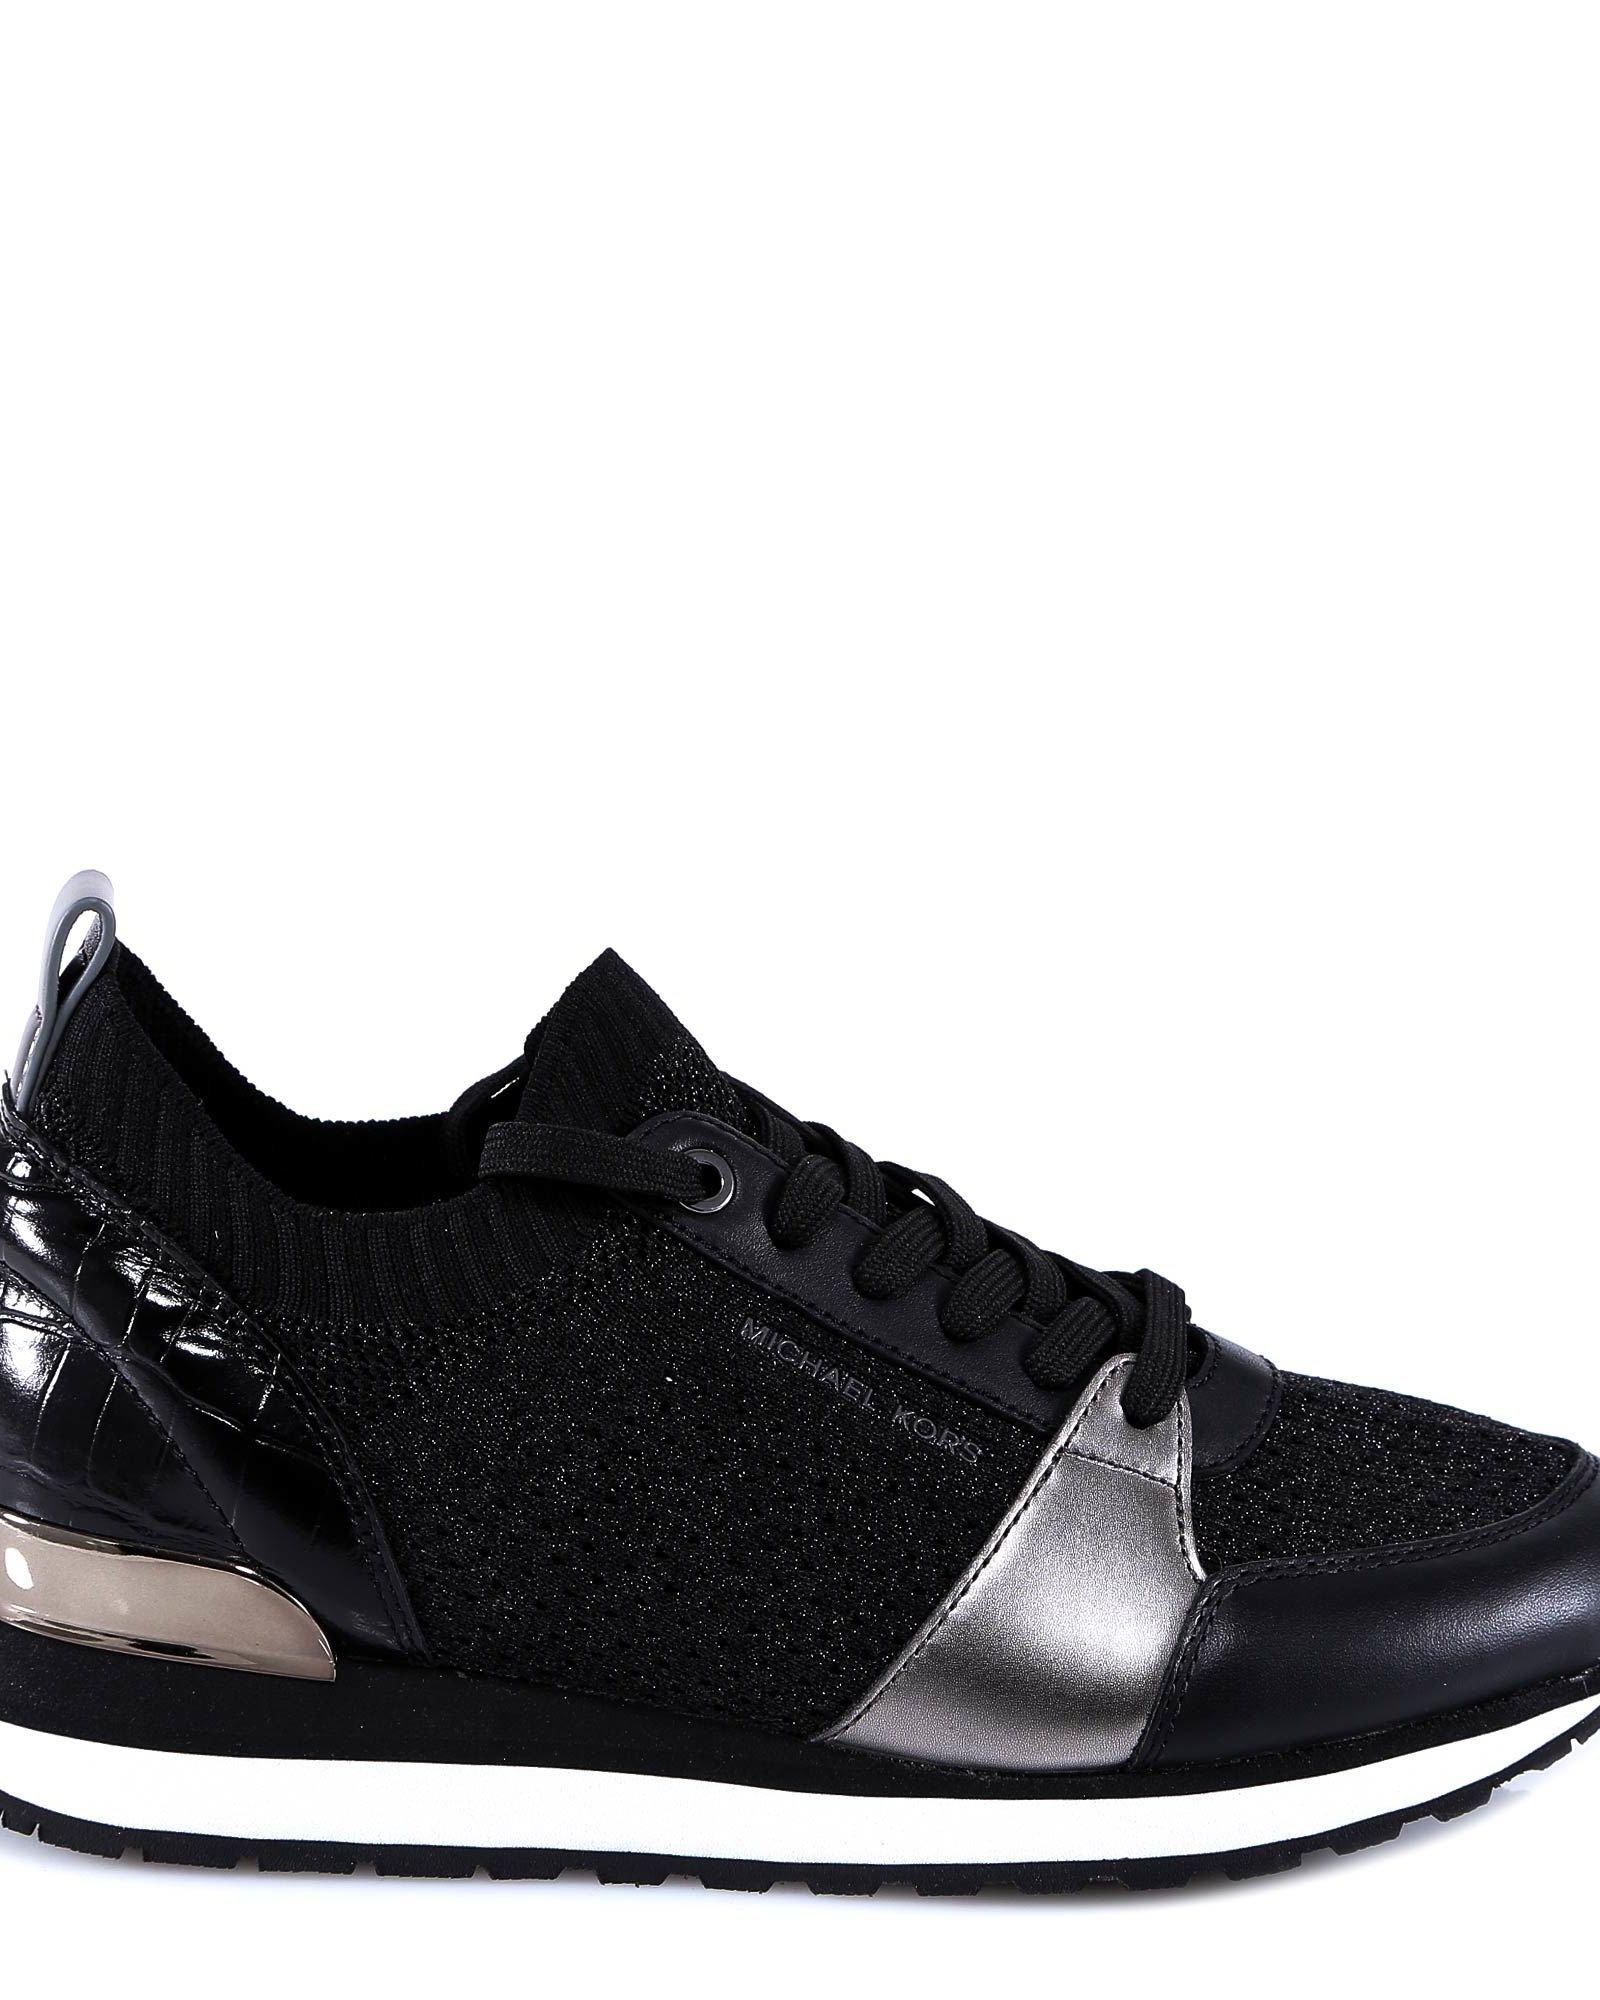 Michael Kors Billie Knit Sneakers